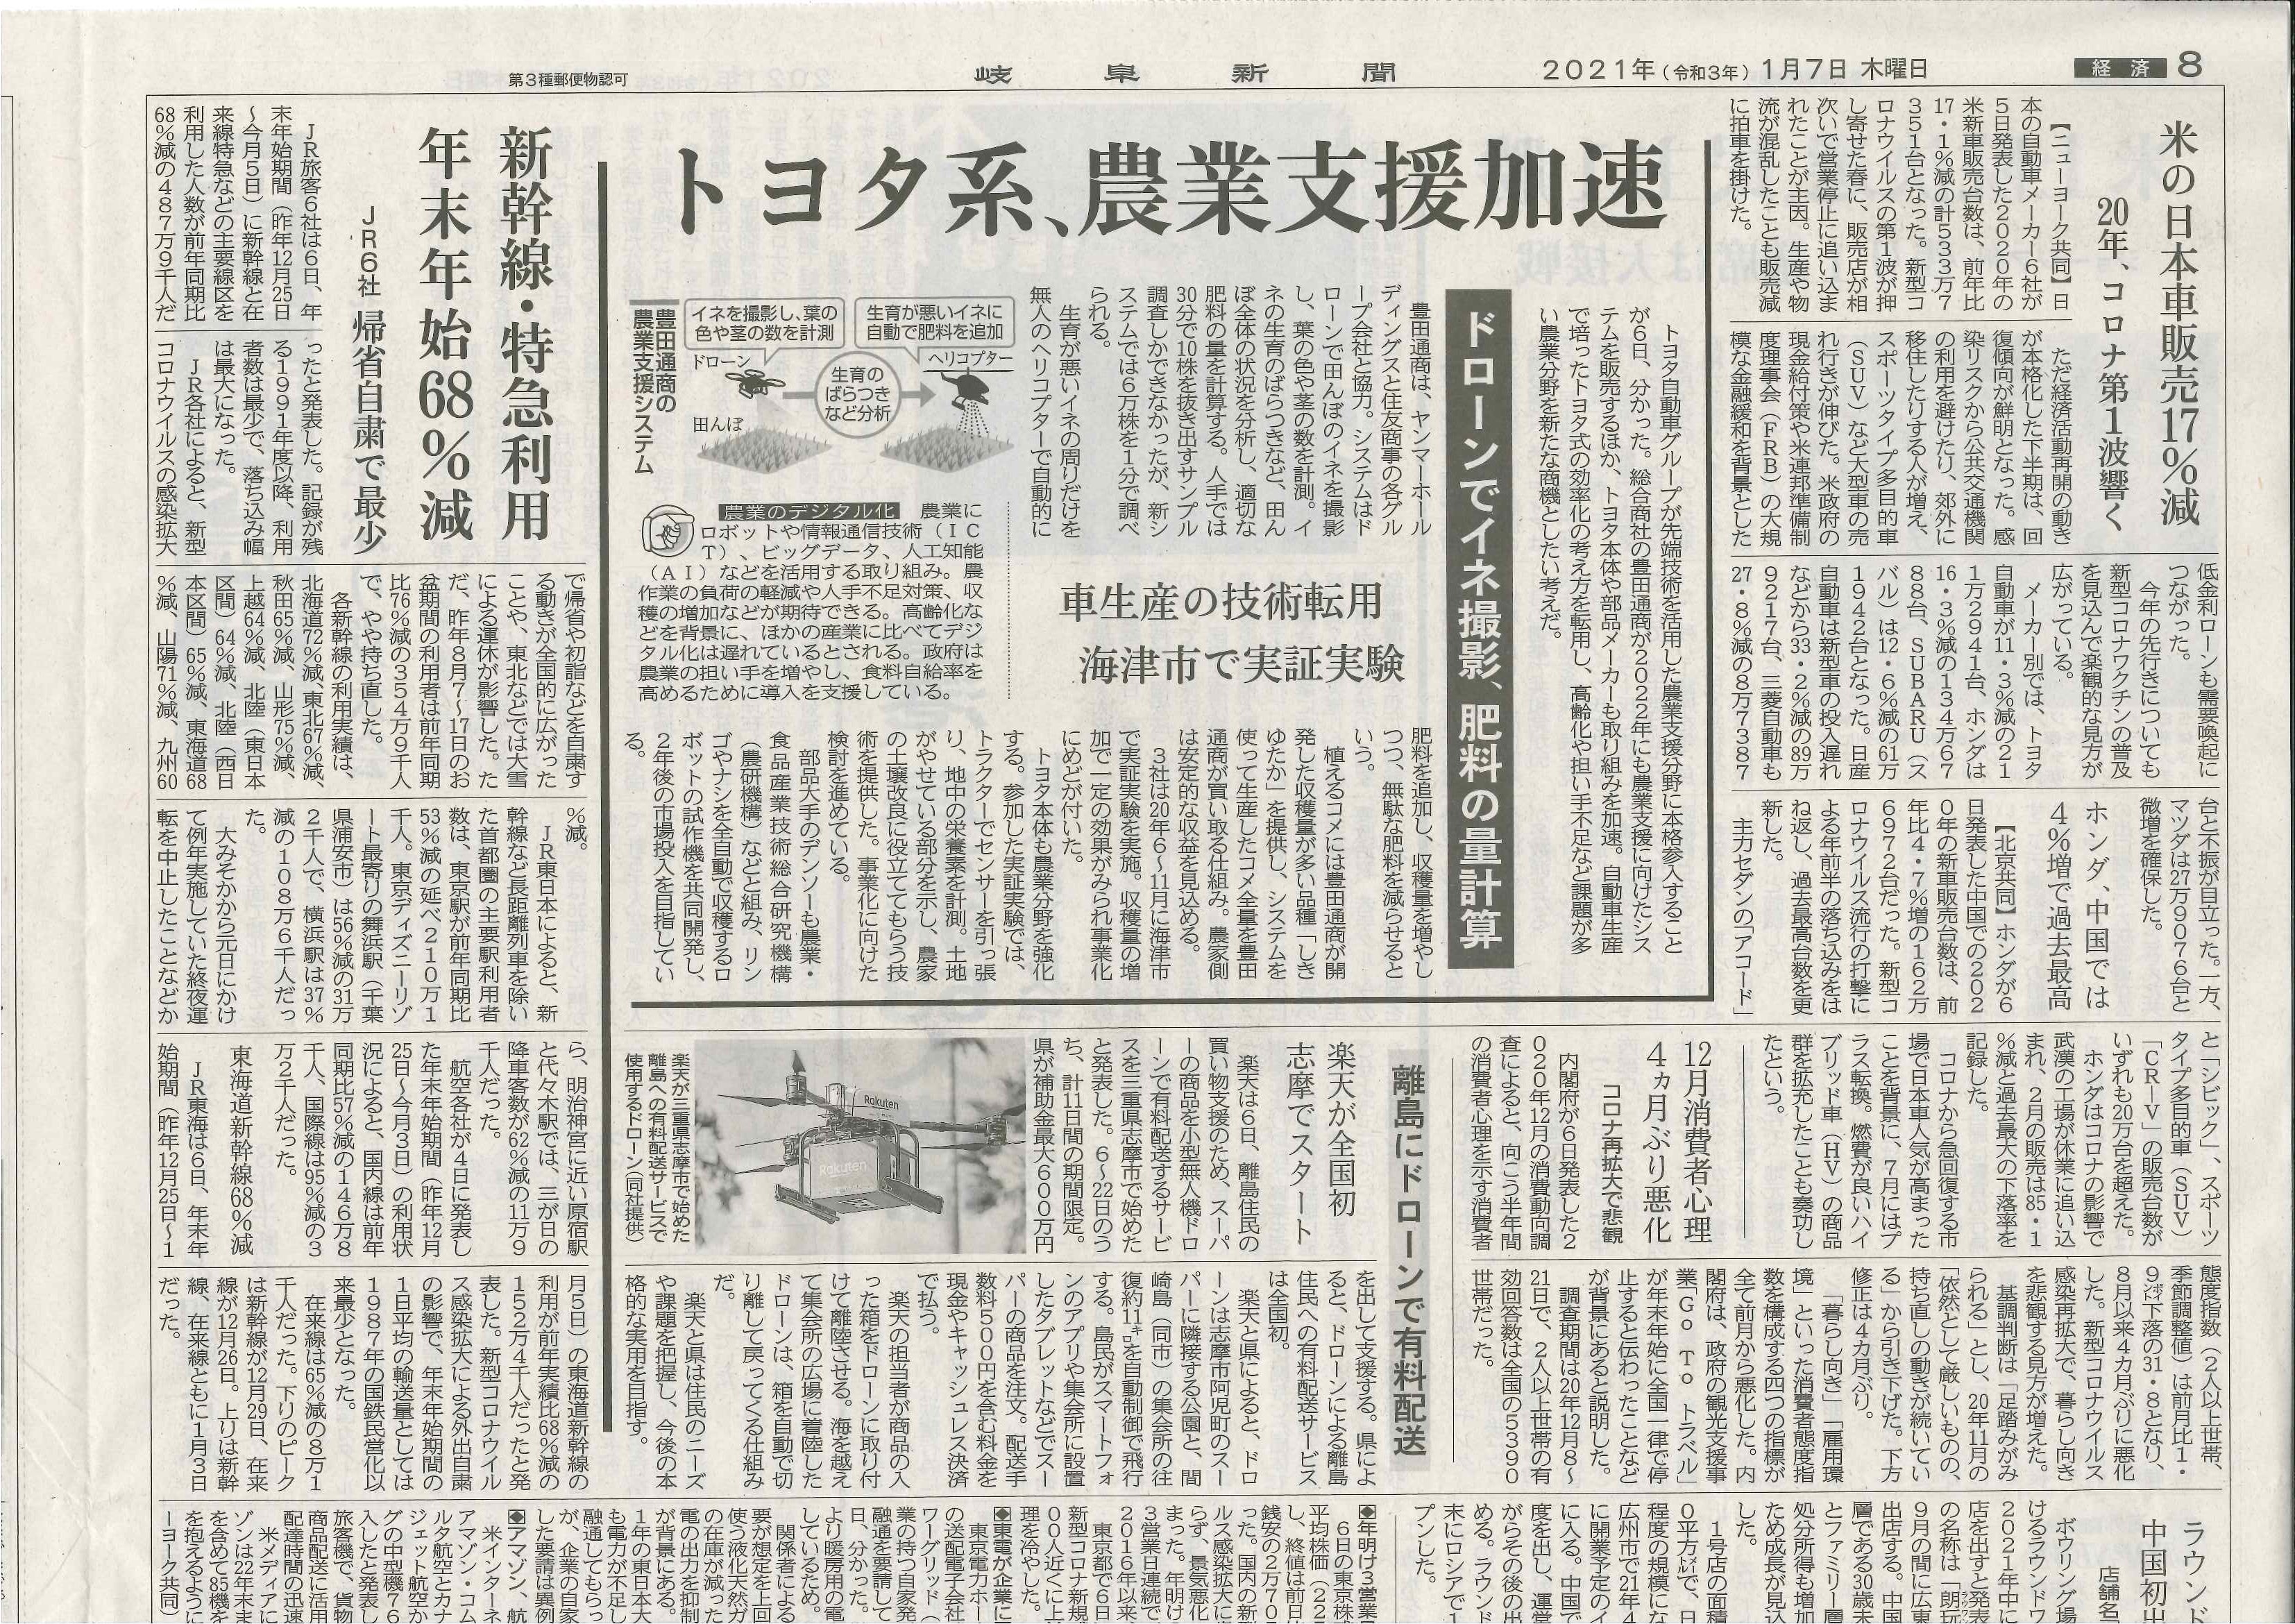 弊社圃場での実証試験が新聞に掲載されました